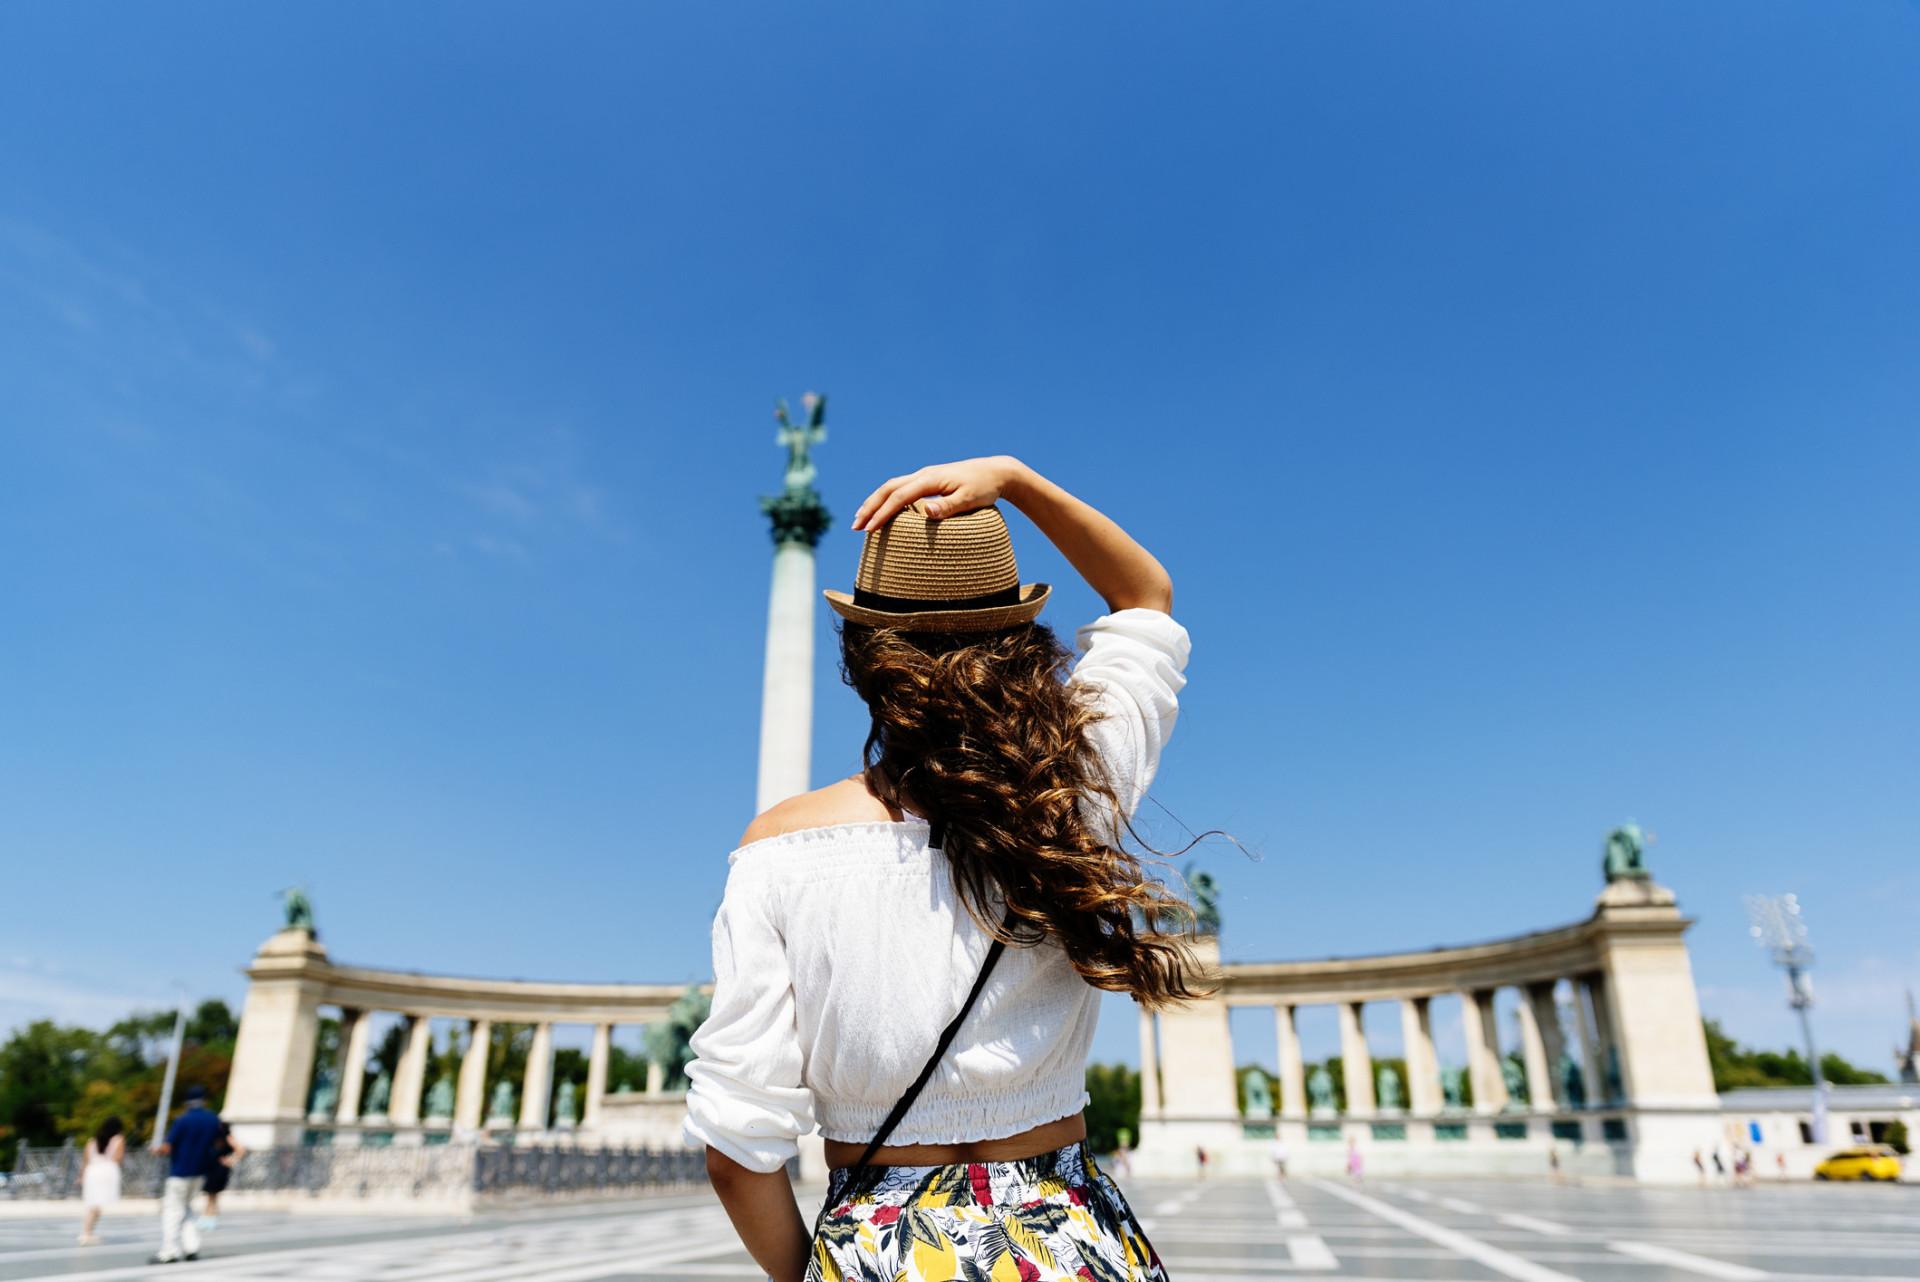 나홀로 여행족들을 위한 BEST 유럽 여행지